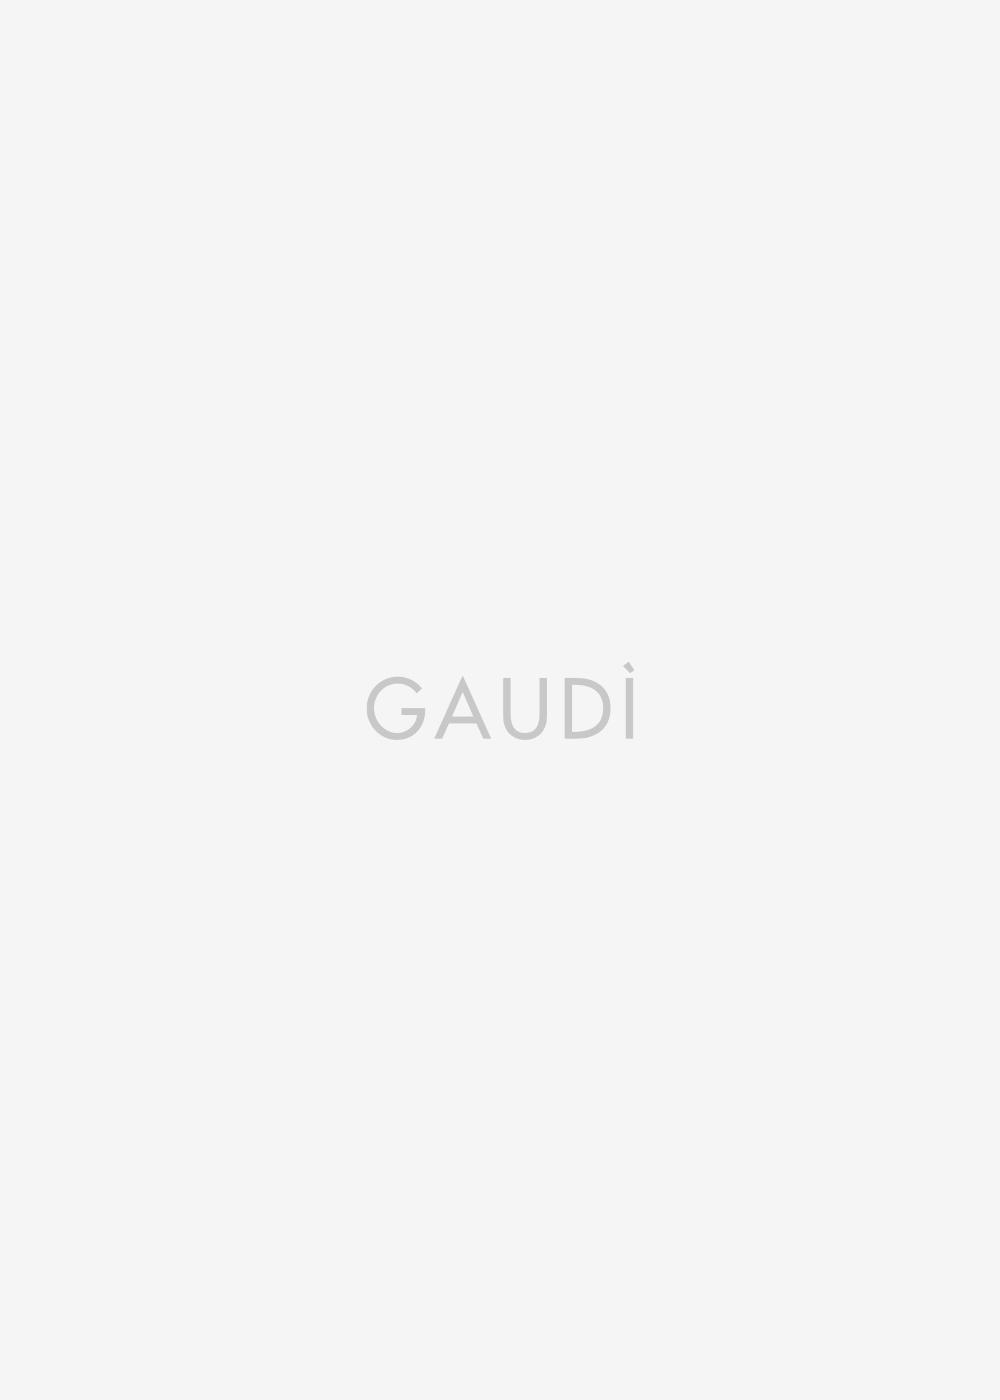 Corduroy trousers Gaudì Uomo